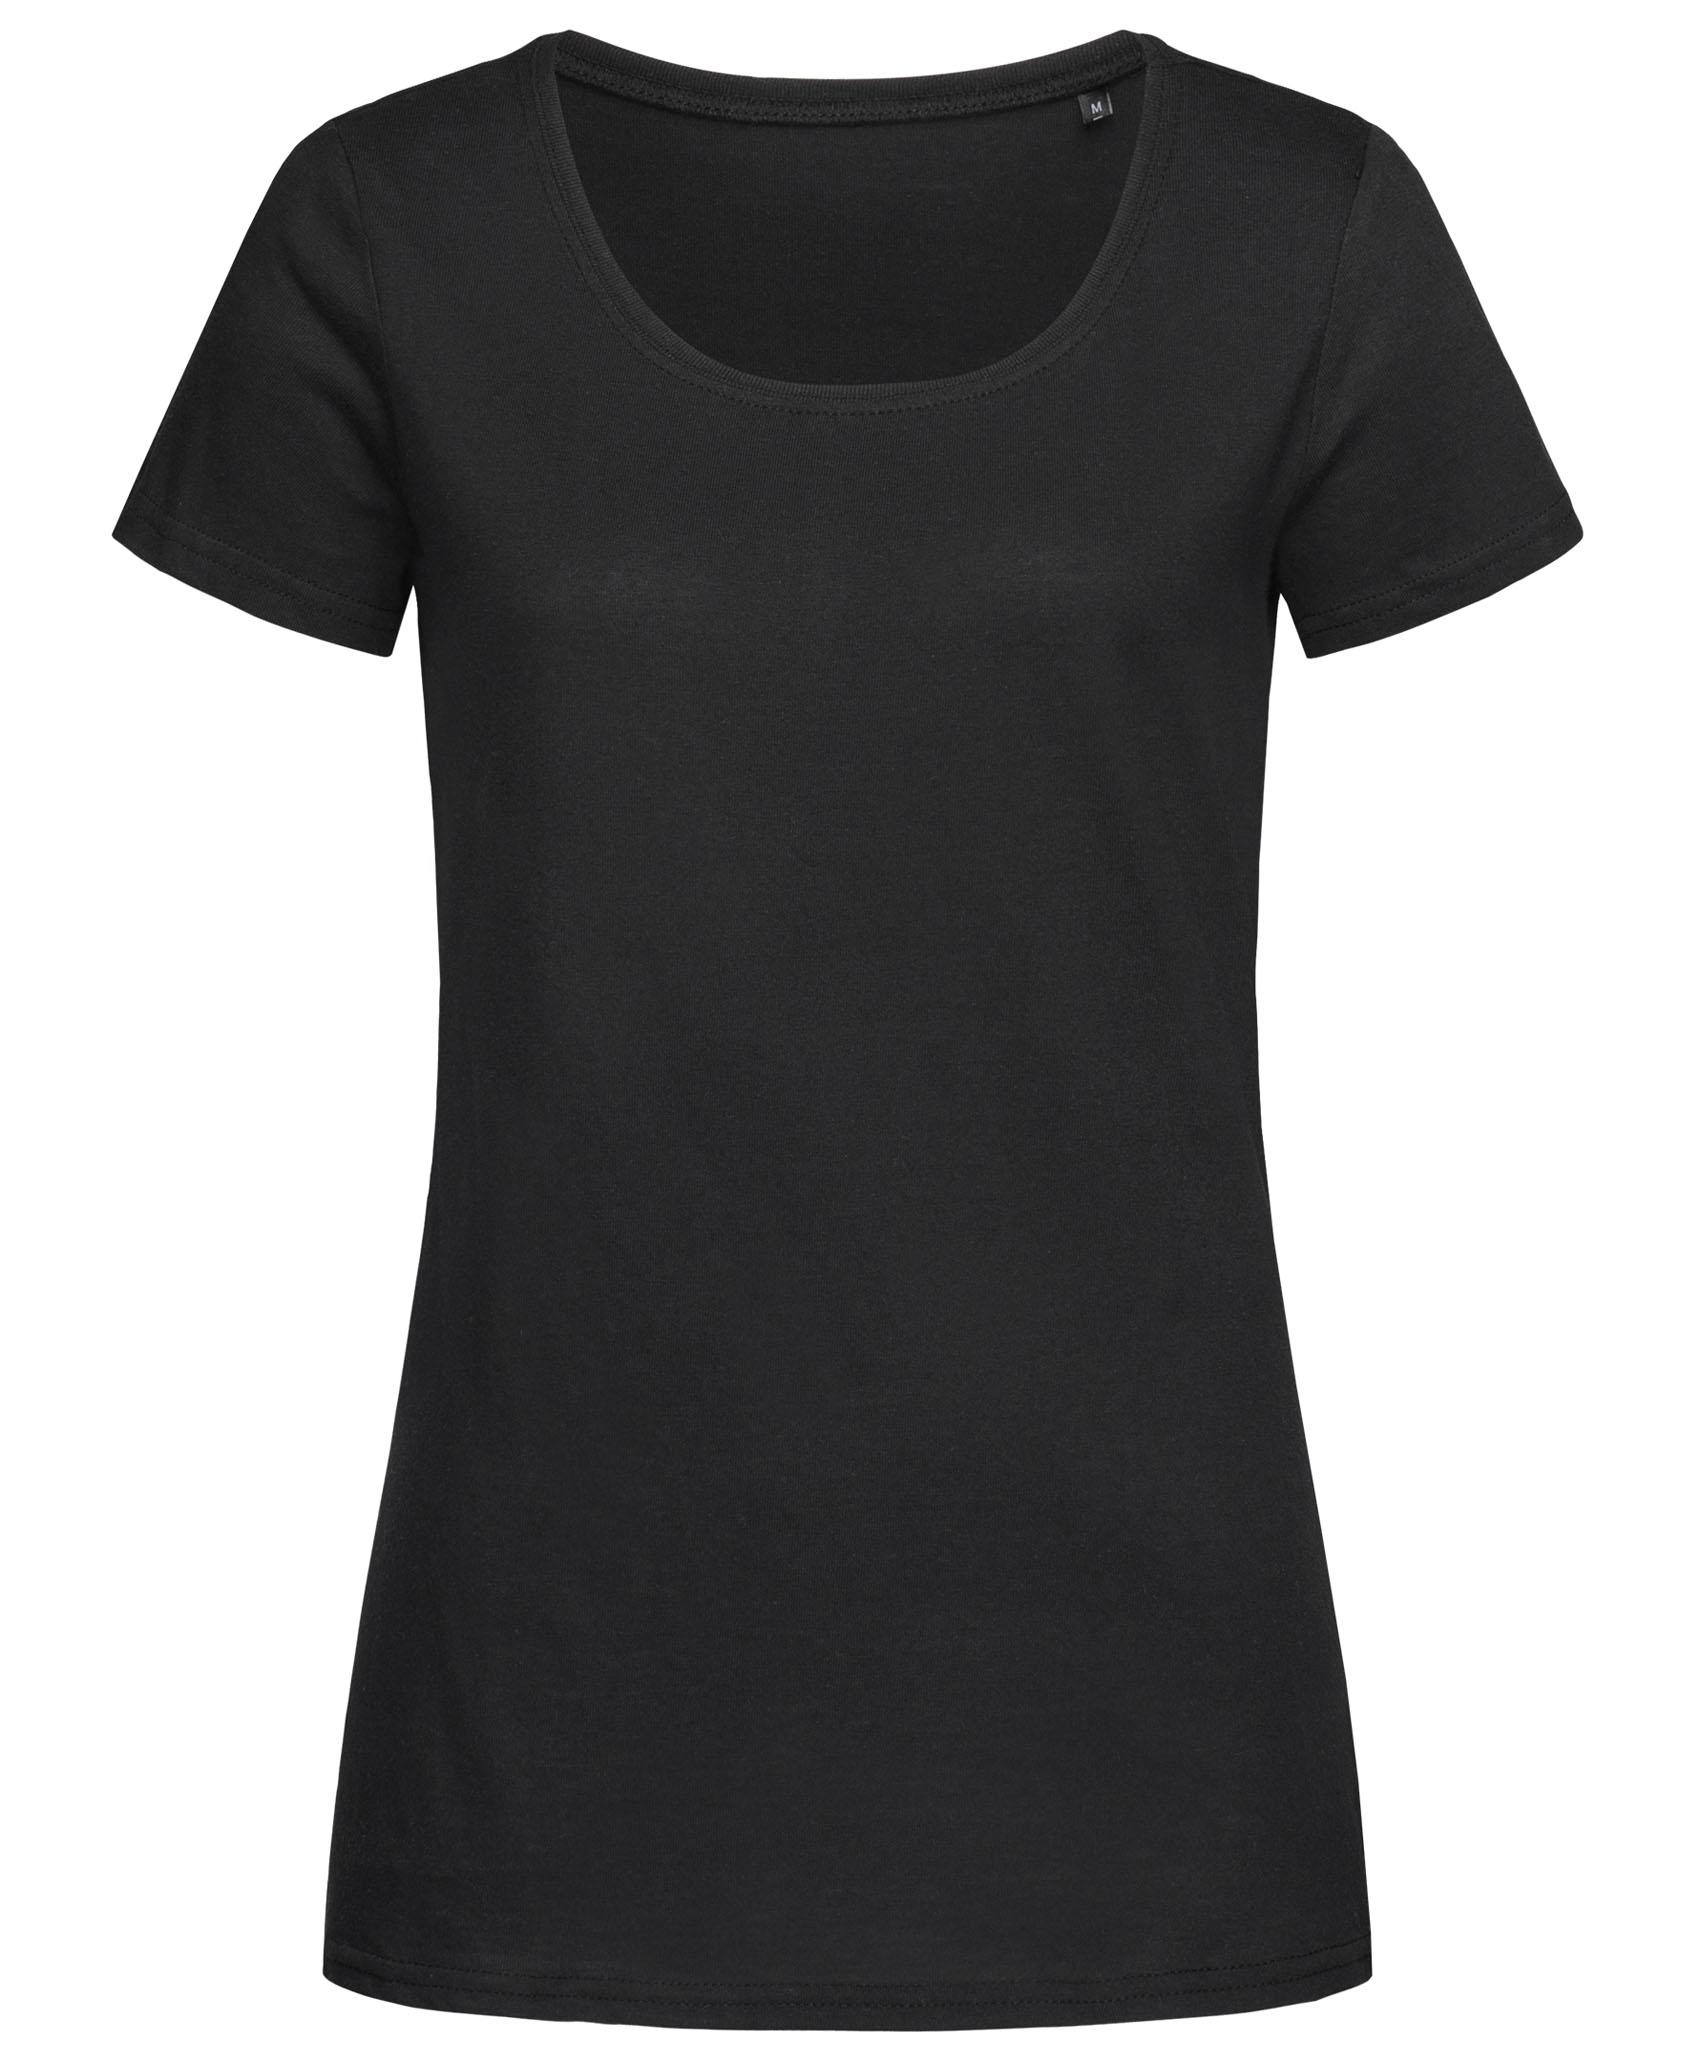 Stedman T-shirt NANO for her